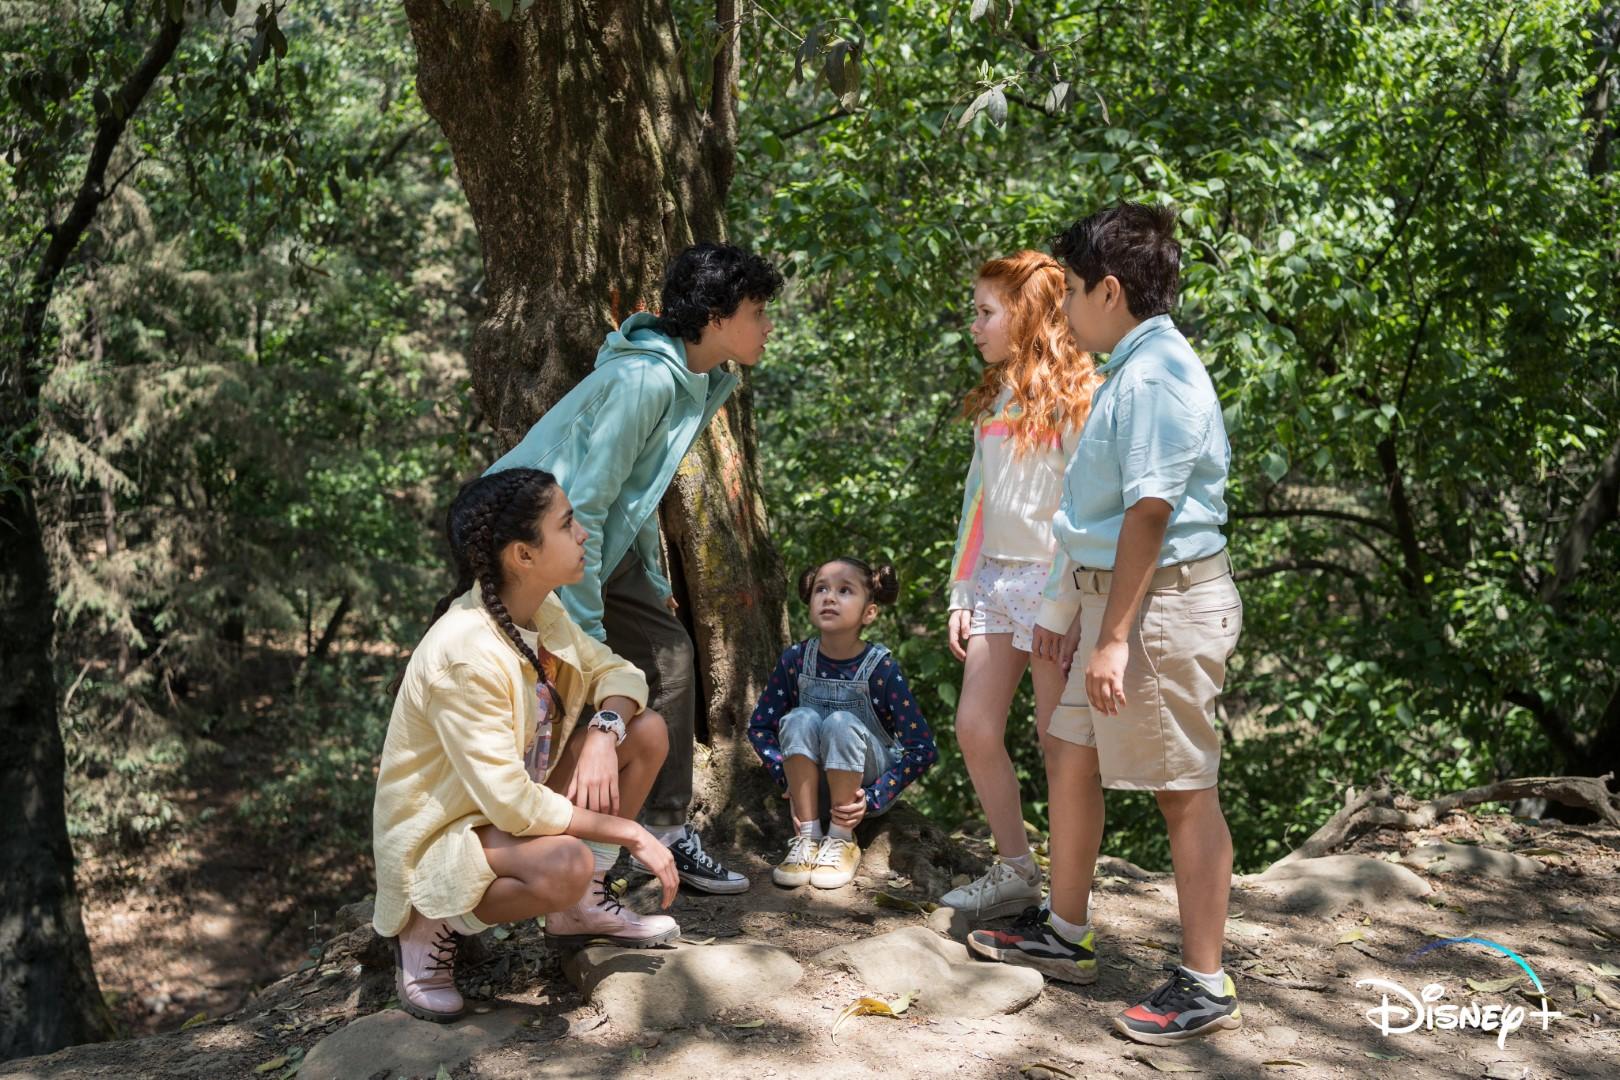 Viagem-ao-Centro-da-Terra-Disney-Plus-5 Viagem ao Centro da Terra: Nova Série Latino-Americana em Breve no Disney+